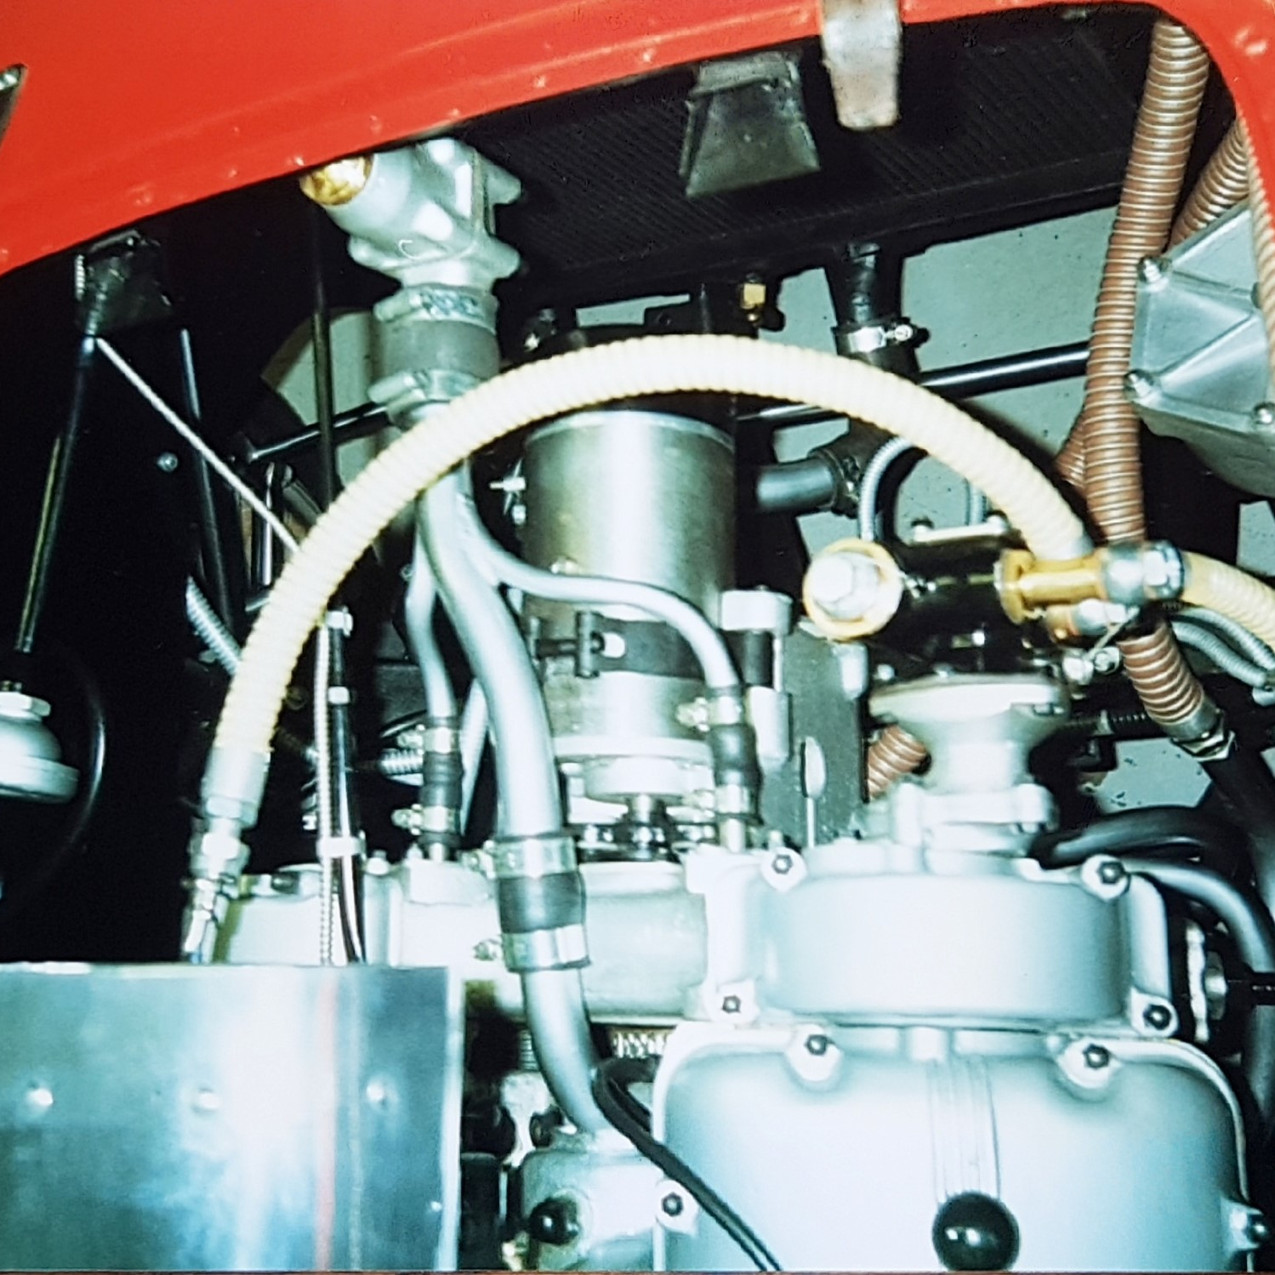 1954 Ferrari 375 Plus - 1990 Restoration 8